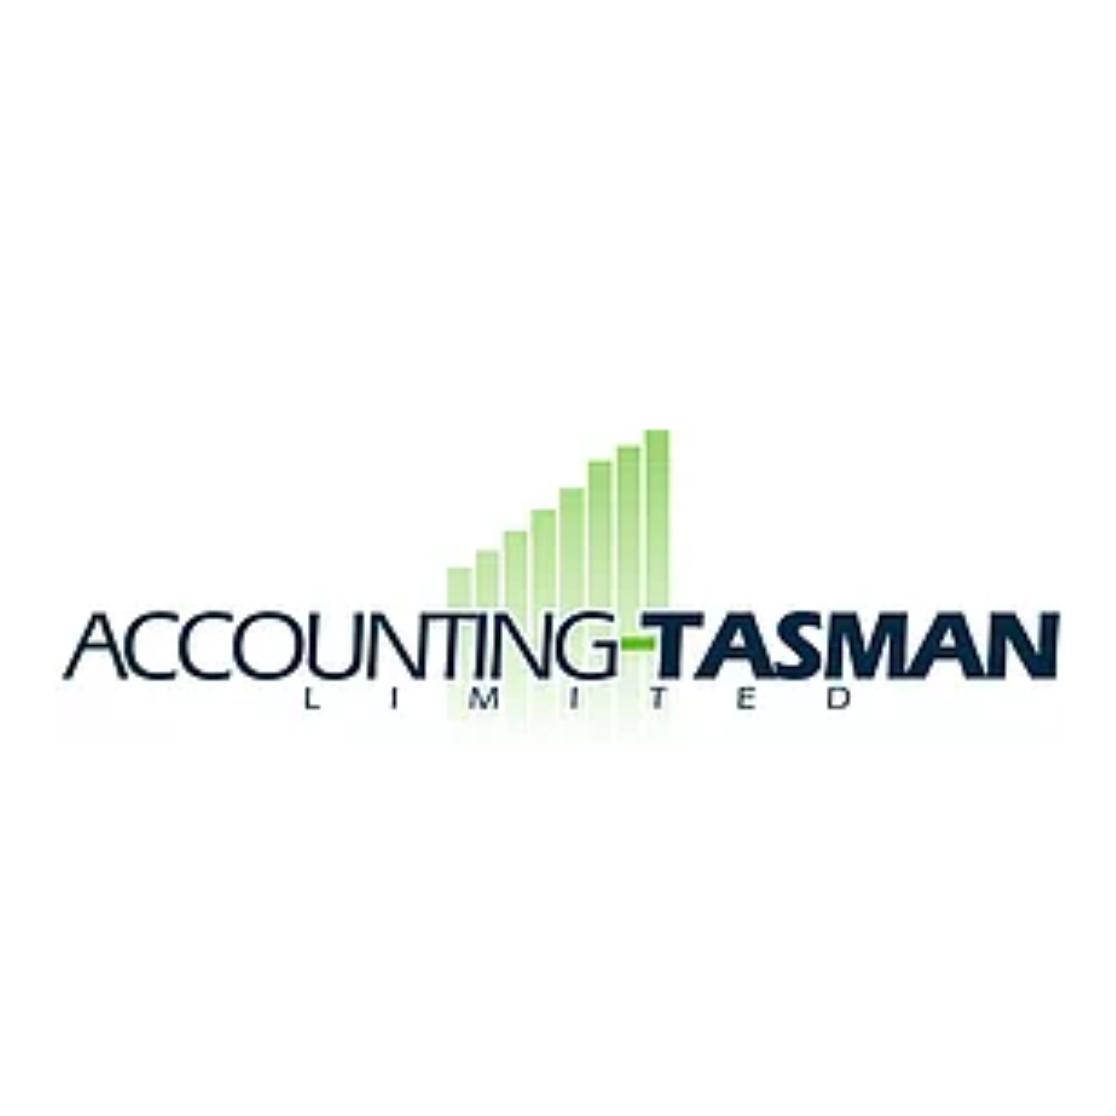 Accounting Tasman 1.png